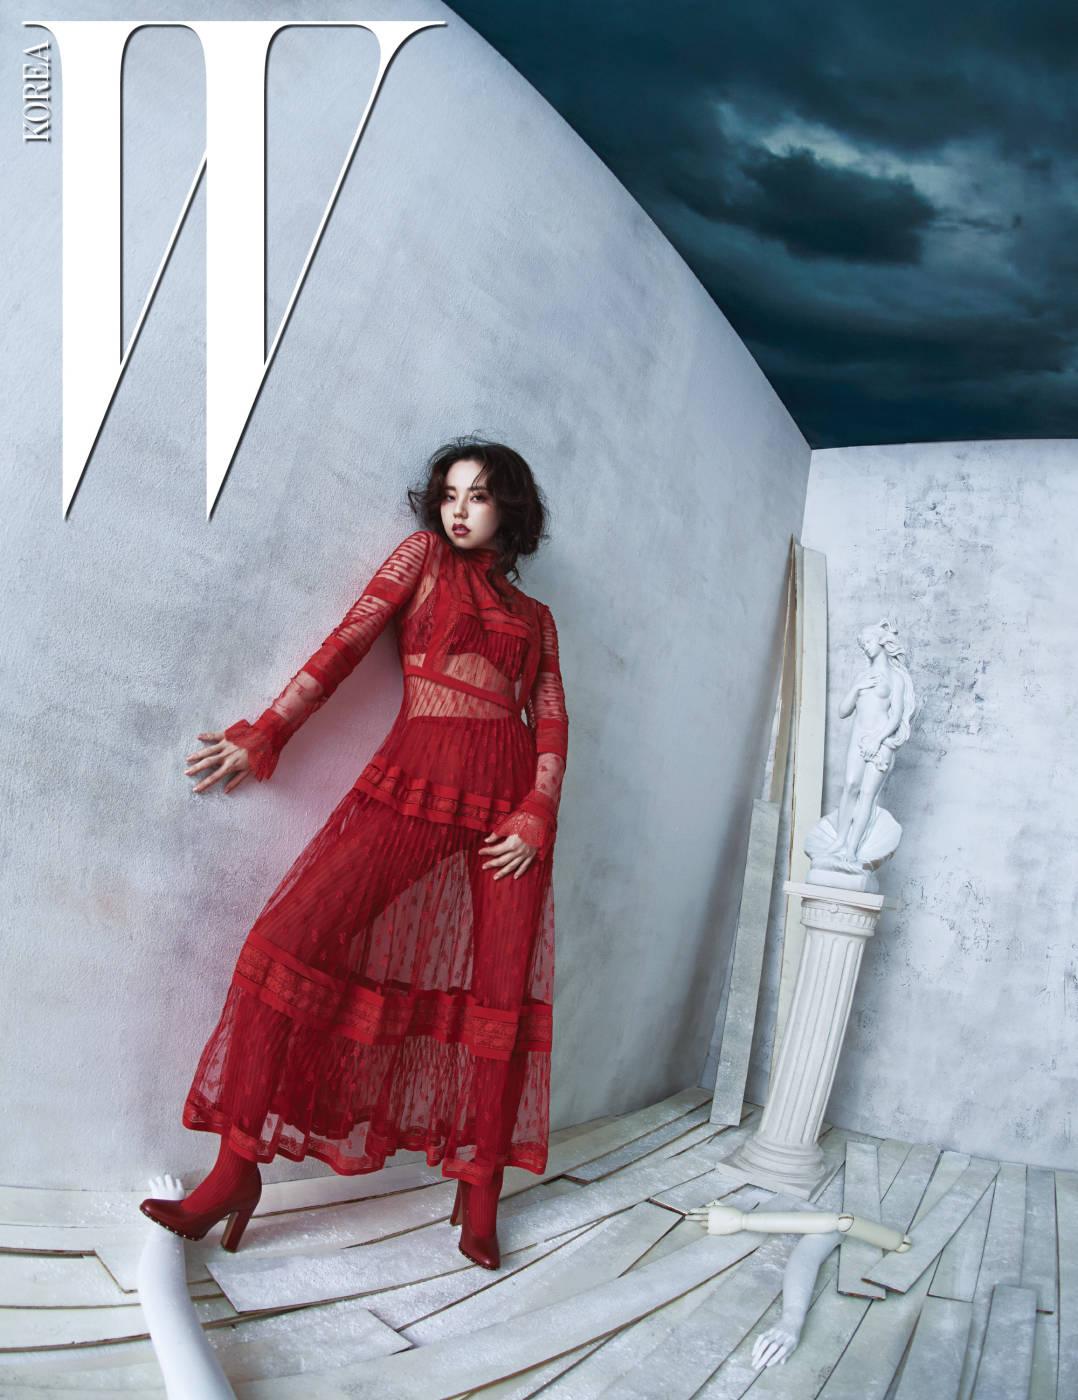 강렬하면서도 소녀적인 느낌을 주는 새빨간 시스루 드레스와 니트 소재 타이츠, 스터드 장식 슈즈는 모두 Valentino 제품. 빨간 브라는 스타일리스트 소장품.